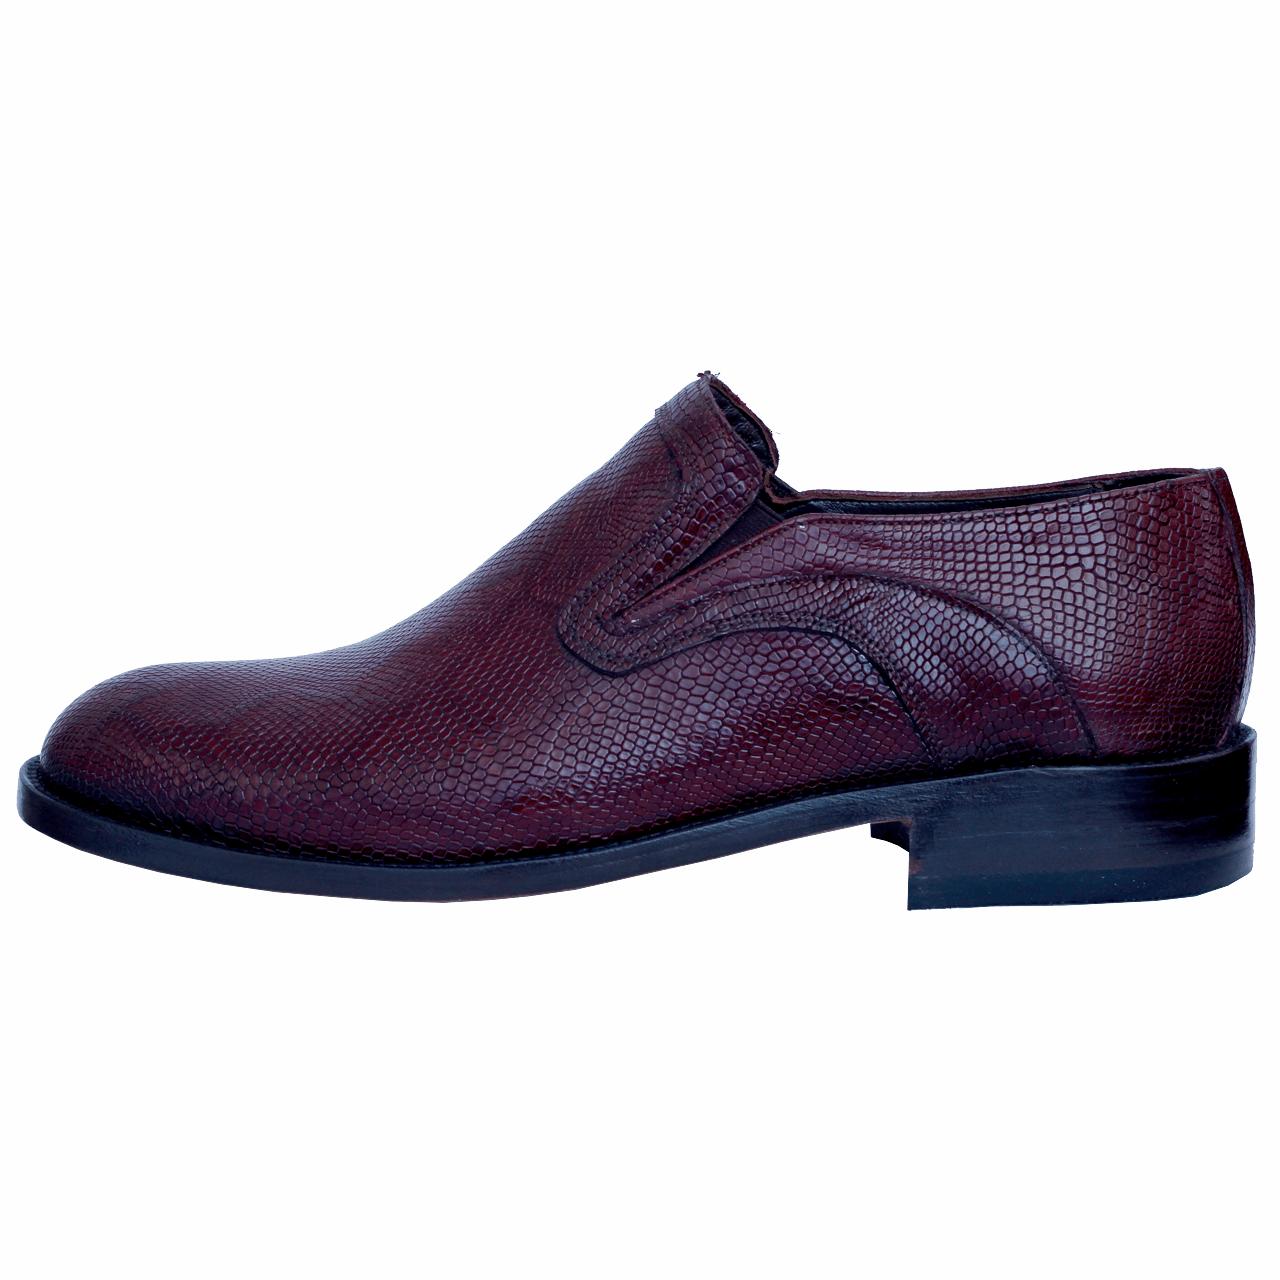 کفش کلاسیک دوران مدل لزار 171